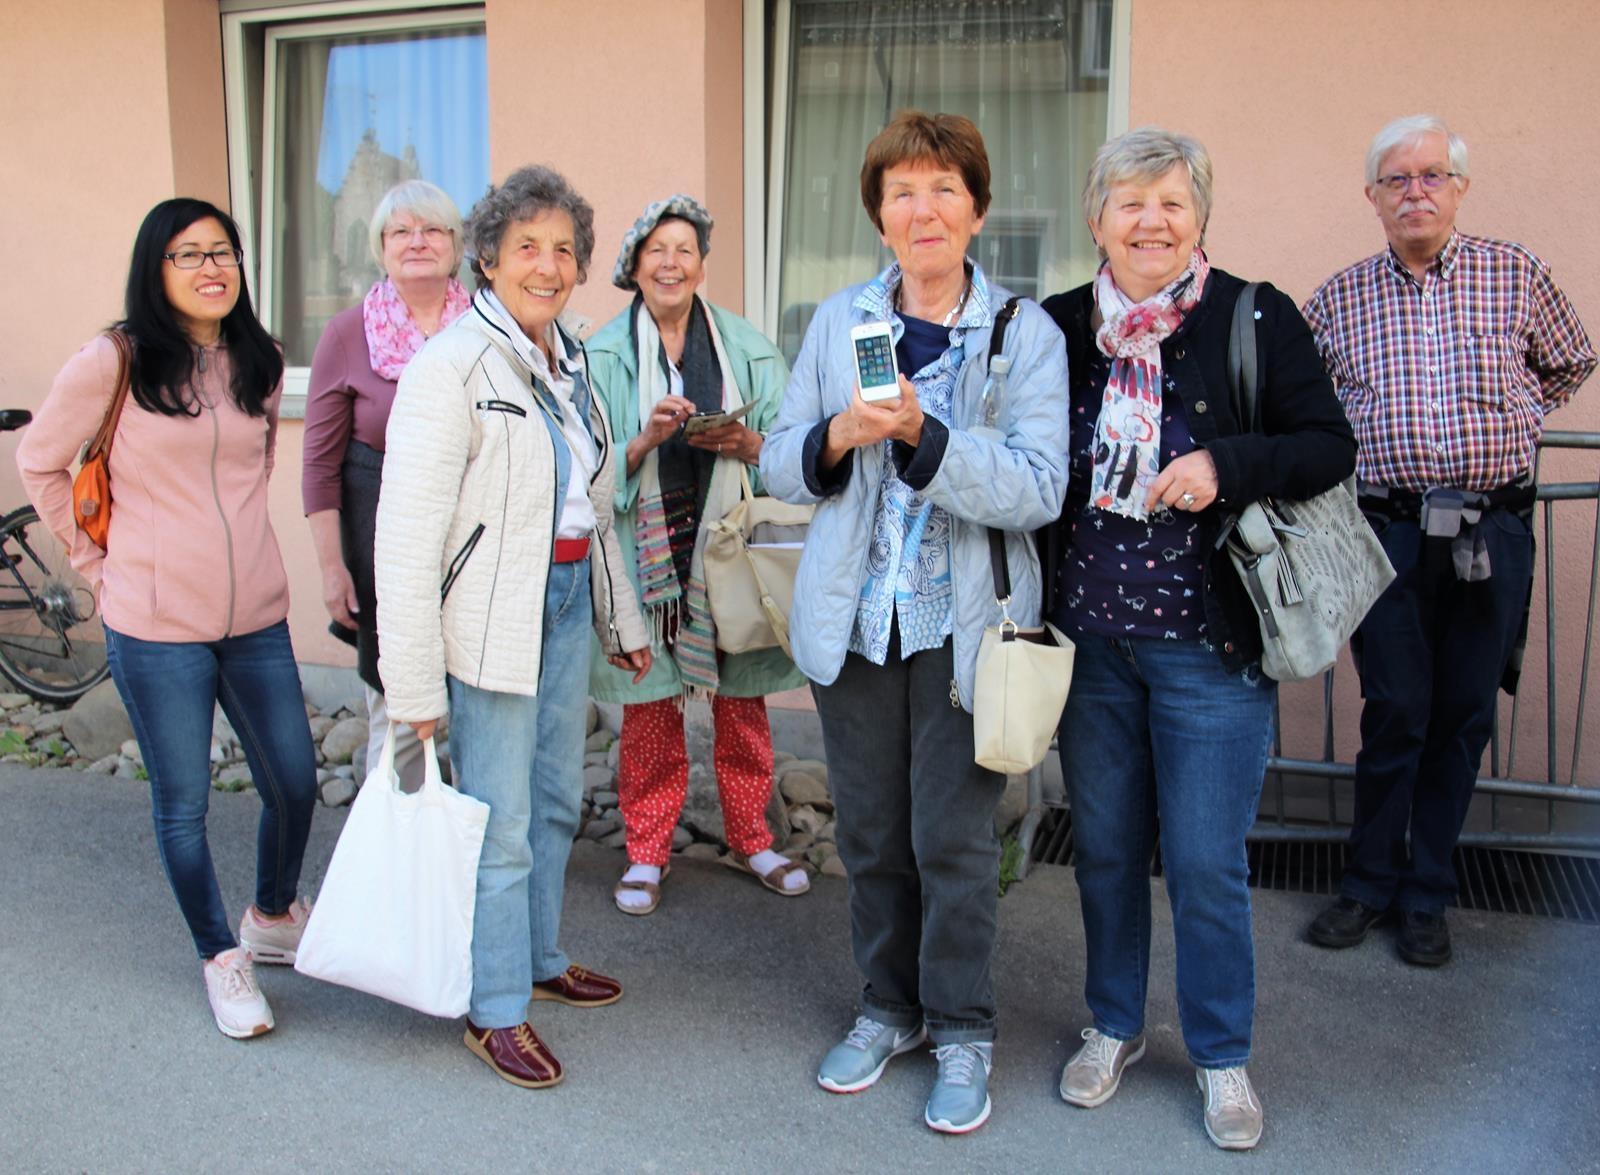 Partnerschaftsfest in Isola 2018 (70)